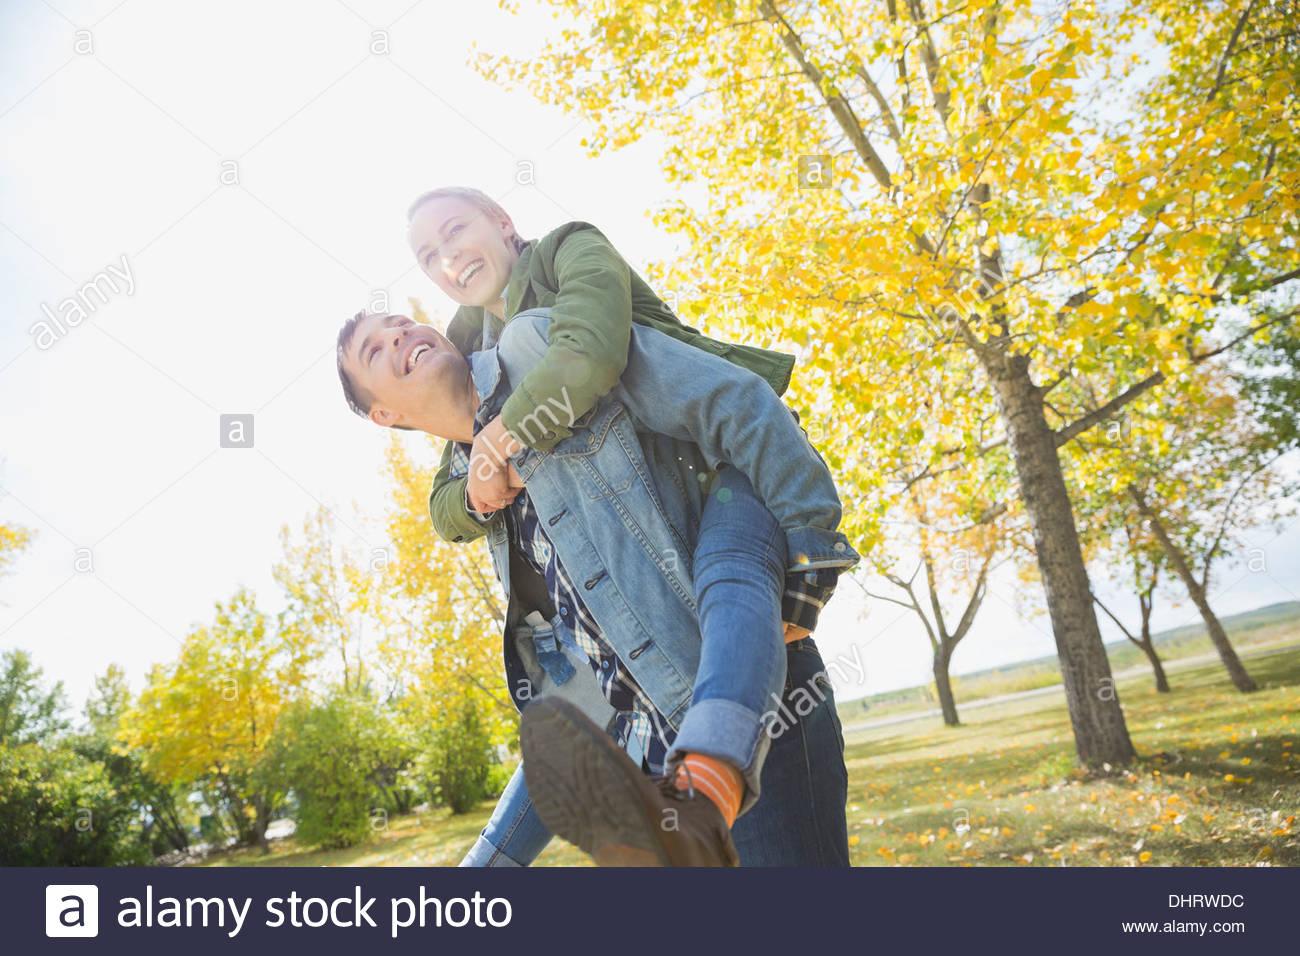 Mann Huckepack Frau im park Stockbild